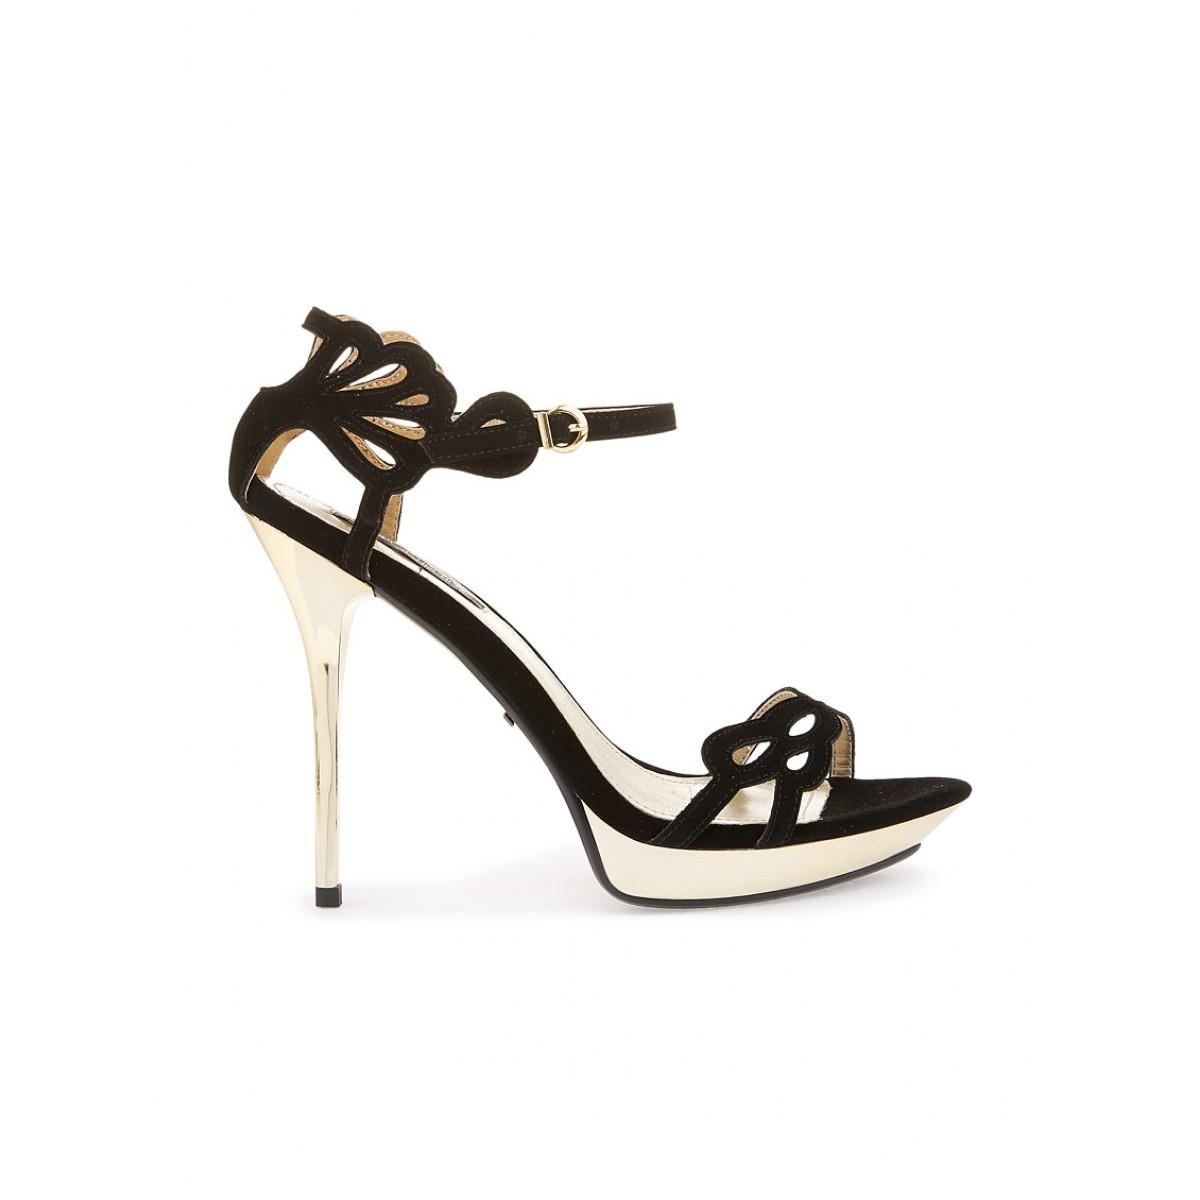 Swirl-design shoes van Errol Arendz